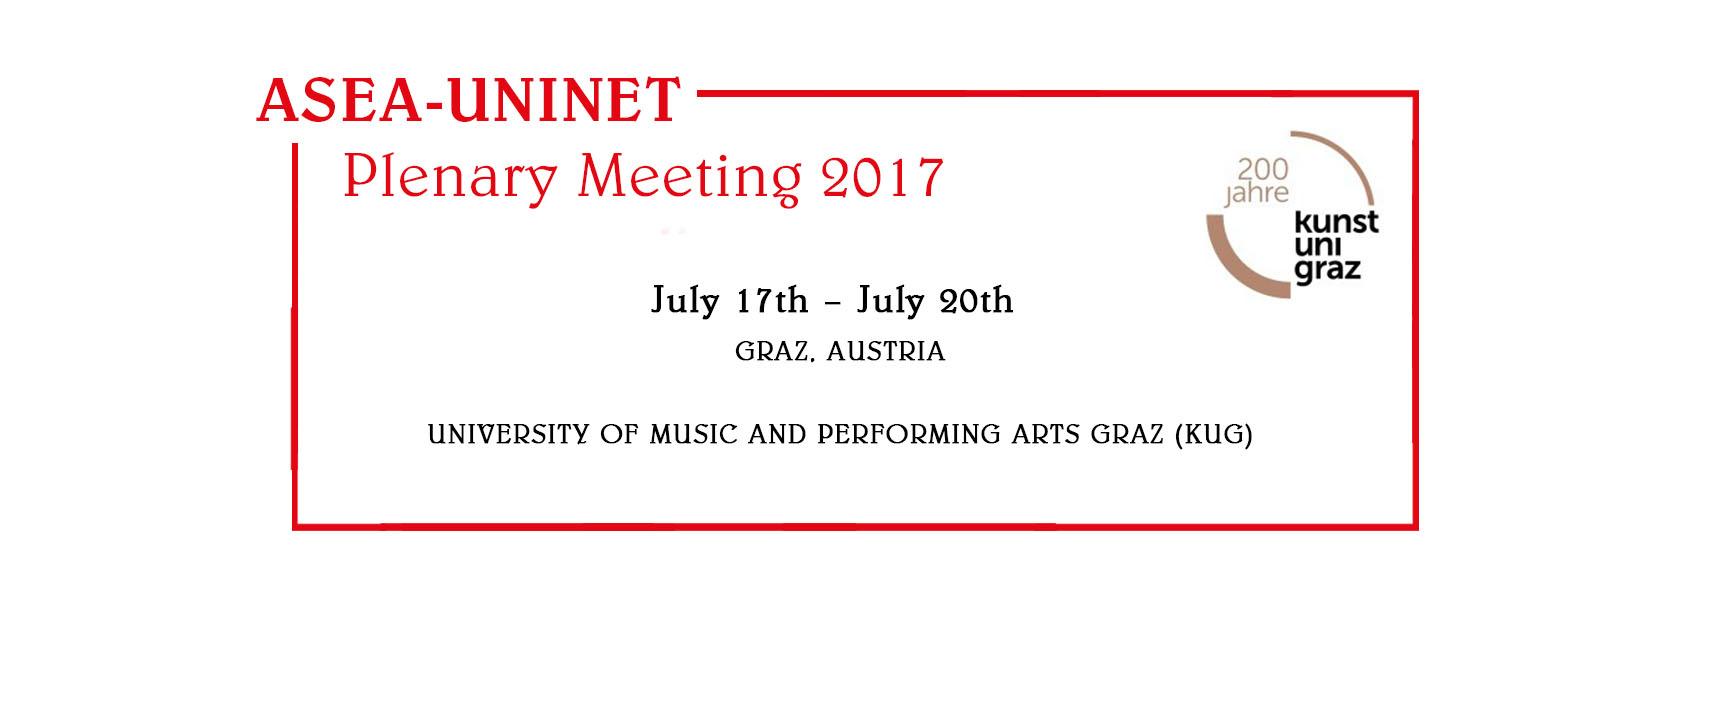 plenary-meeting-teaser_Final-1